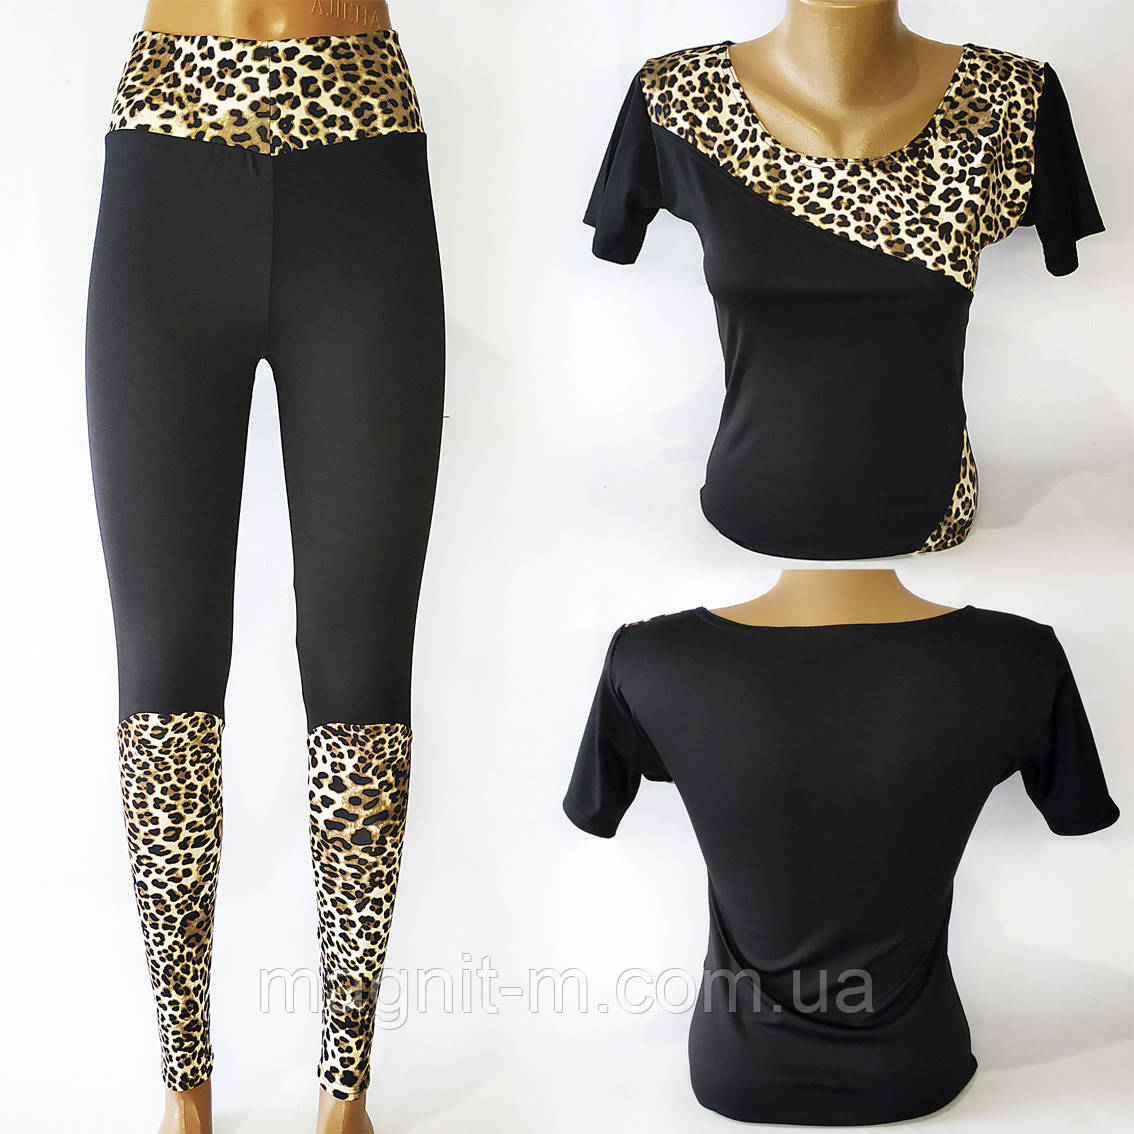 Хит сезона! Комплекты спортивной одежды для фитнеса с леопардовыми вставками.